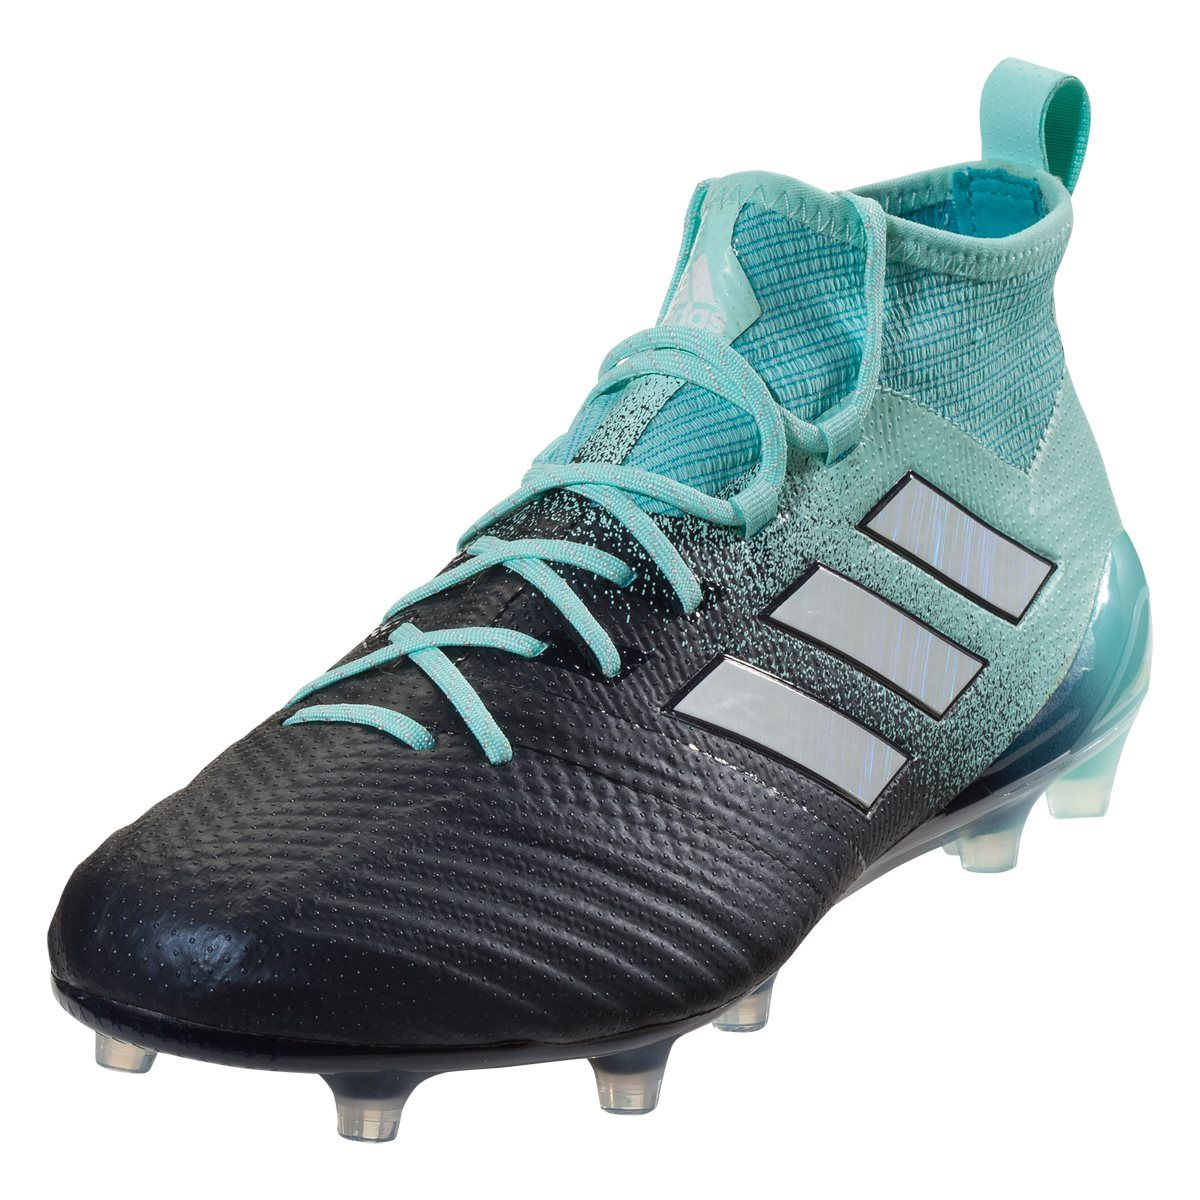 Fußball schuhe Adidas Ace 17.1 FG Ocean Storm Pack